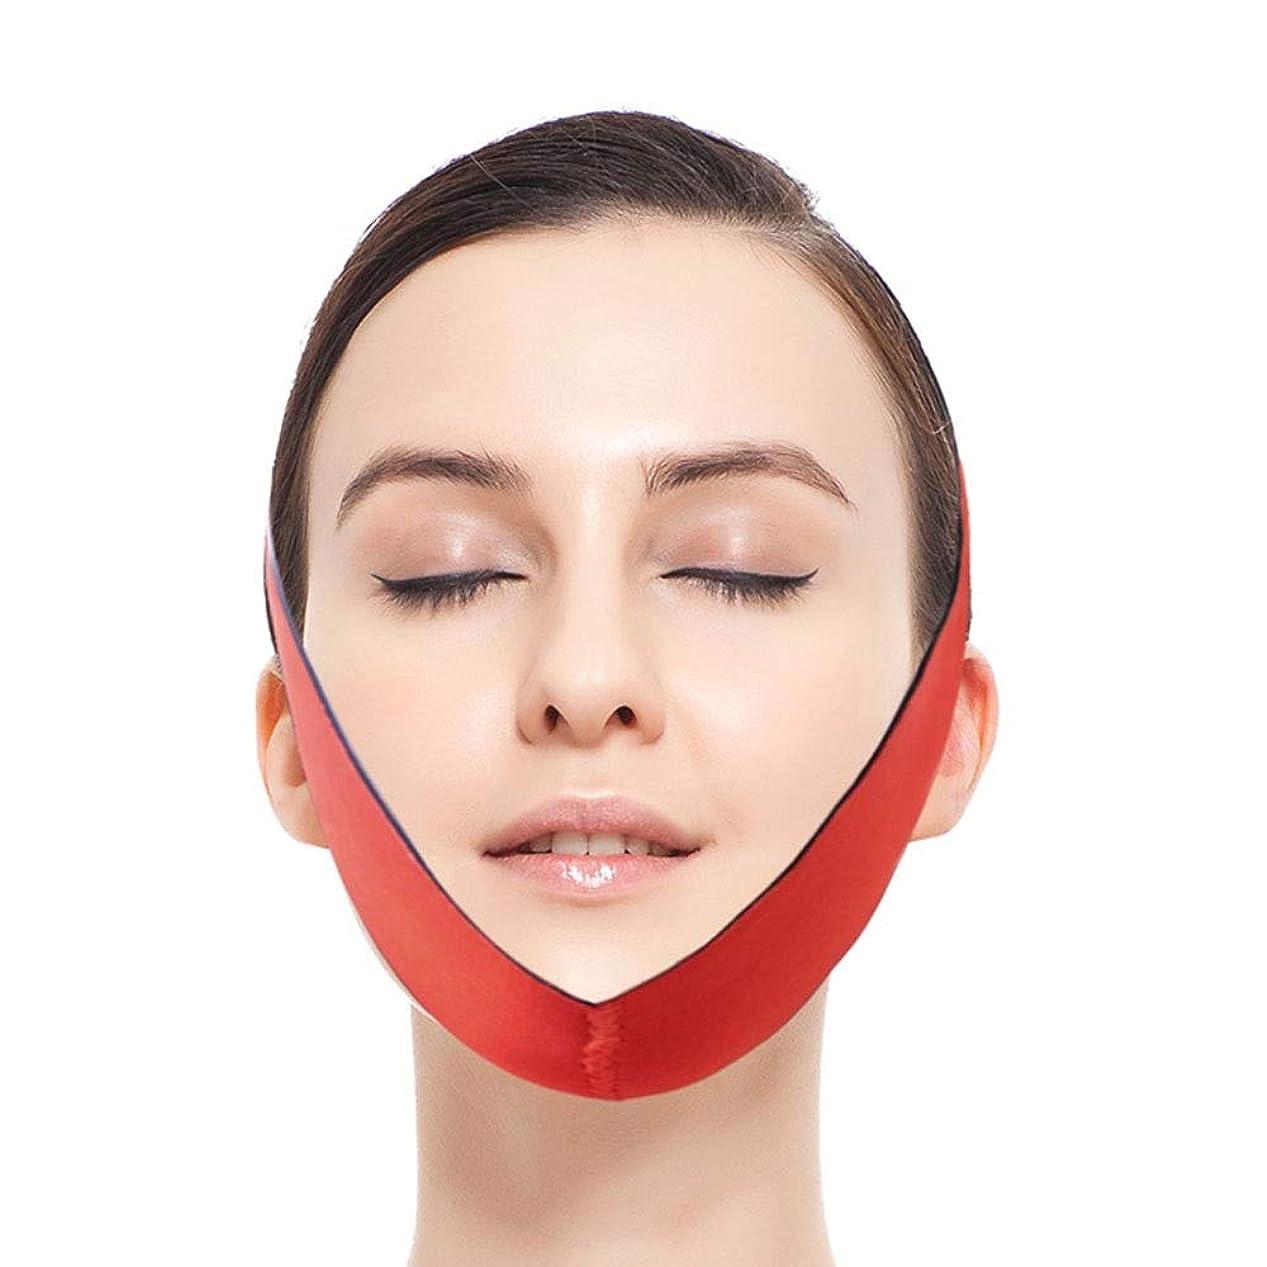 案件覆す起きてJia Jia- フェイスリフティングアーティファクトVフェイス包帯マスクダブルあご引き締め顔薄い咬傷筋肉下顎矯正顔 顔面包帯